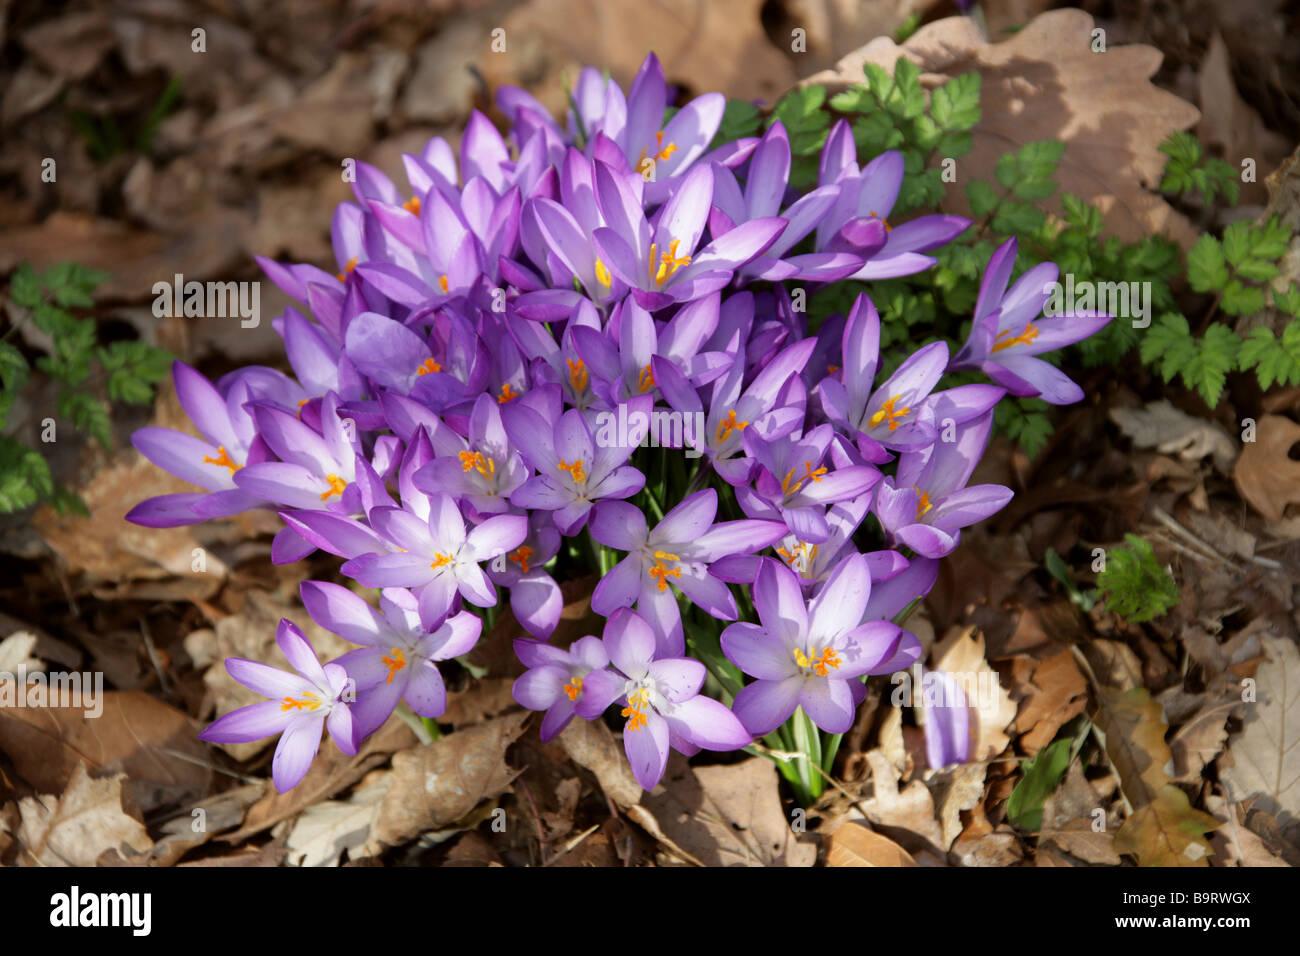 Purple Crocuses, Crocoideae, Iridaceae - Stock Image